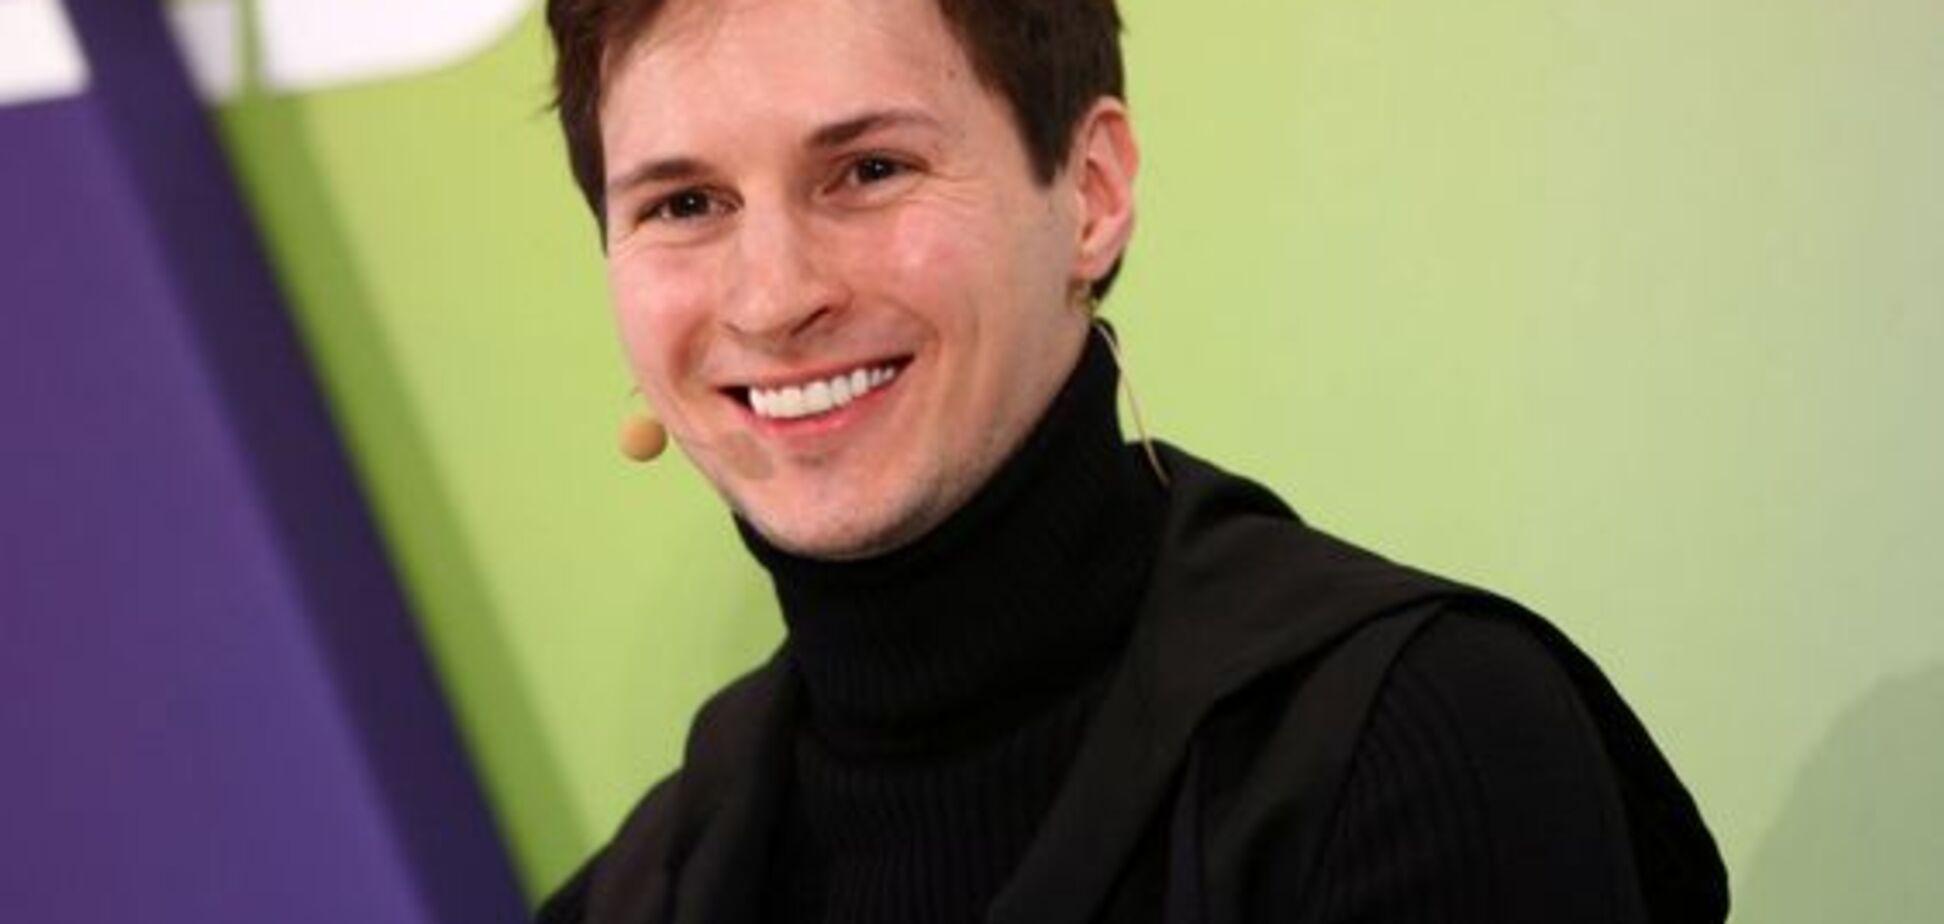 'Жизнь ухудшится': Дуров предупредил о последствиях запрета Telegram в РФ